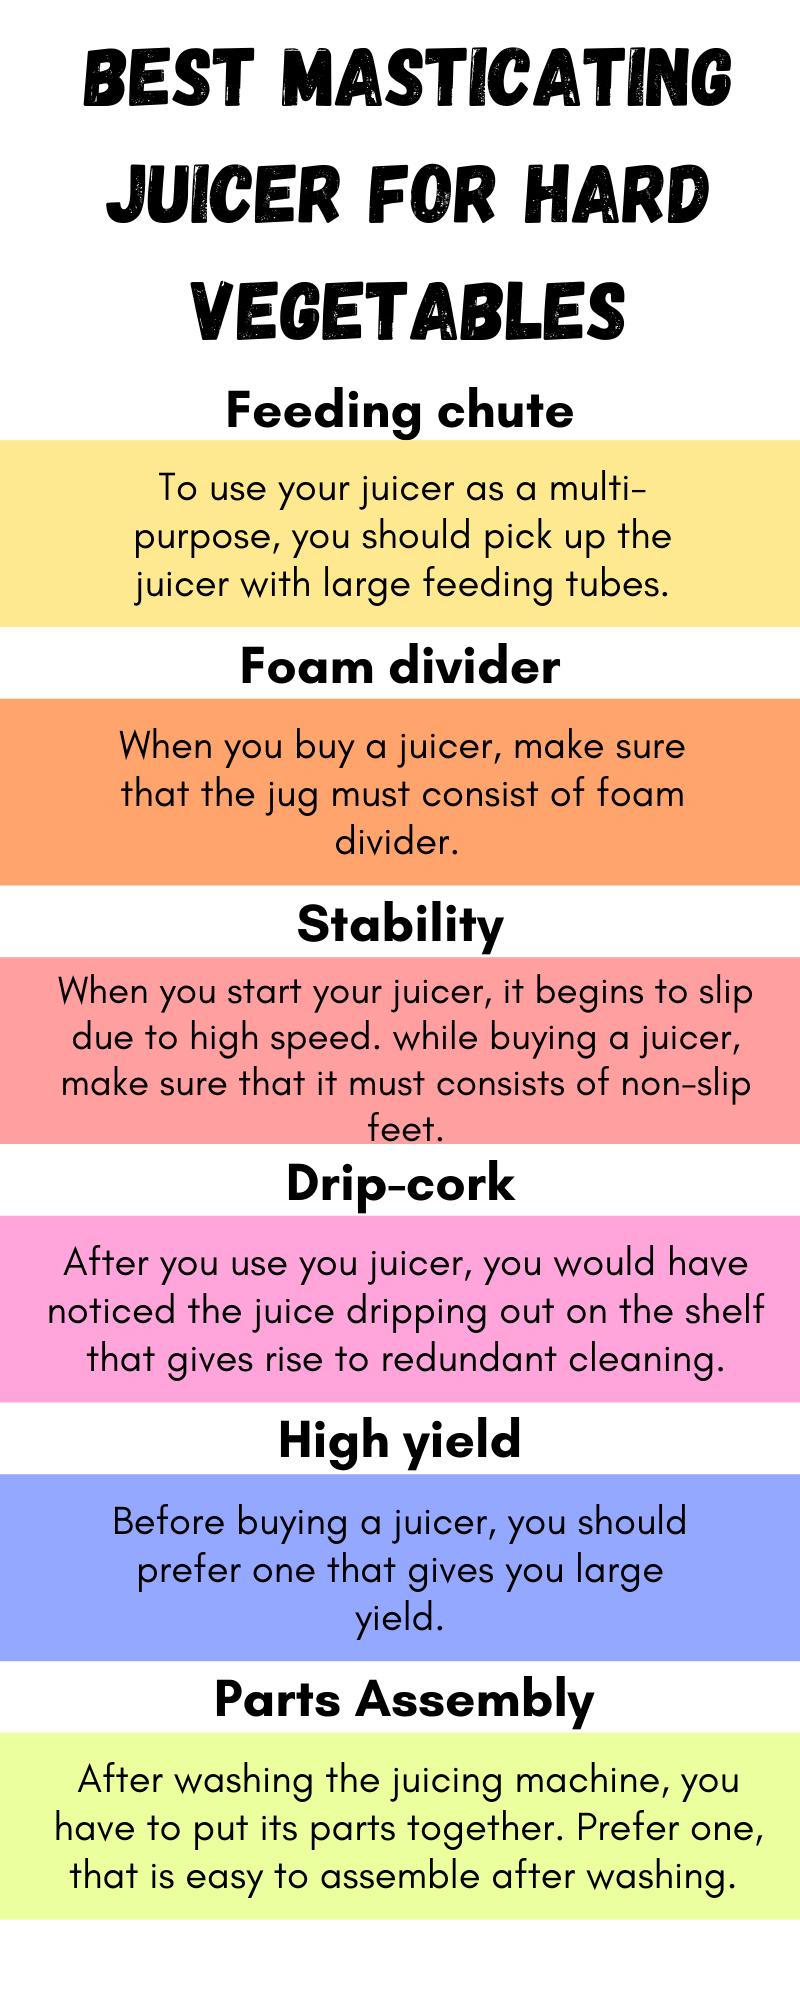 Best Masticating Juicer for Hard Vegetables